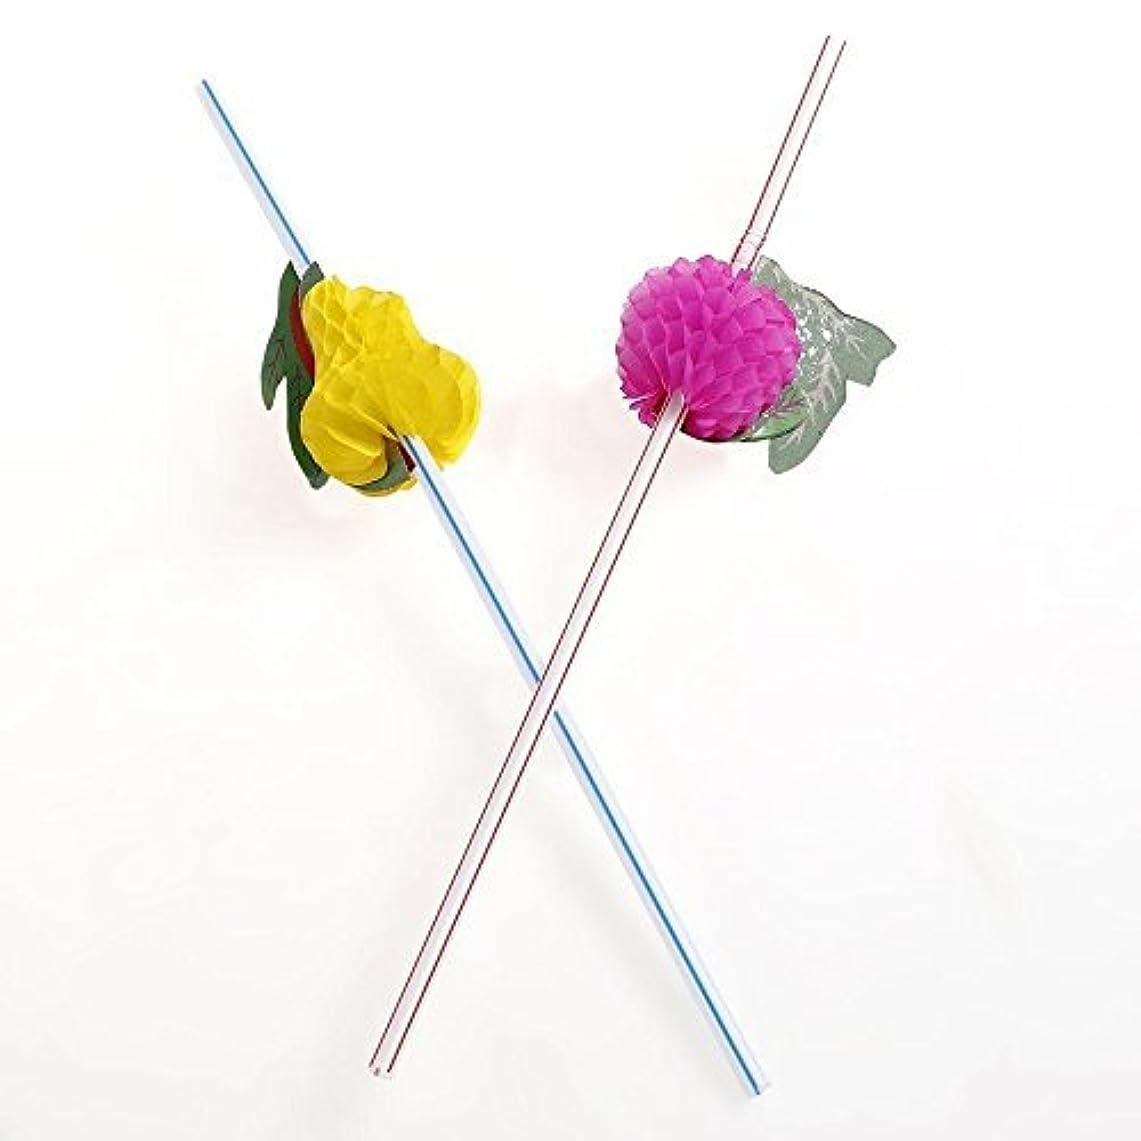 タオル傾向があるポーン誕生日パーティーのための各種ストローの果実